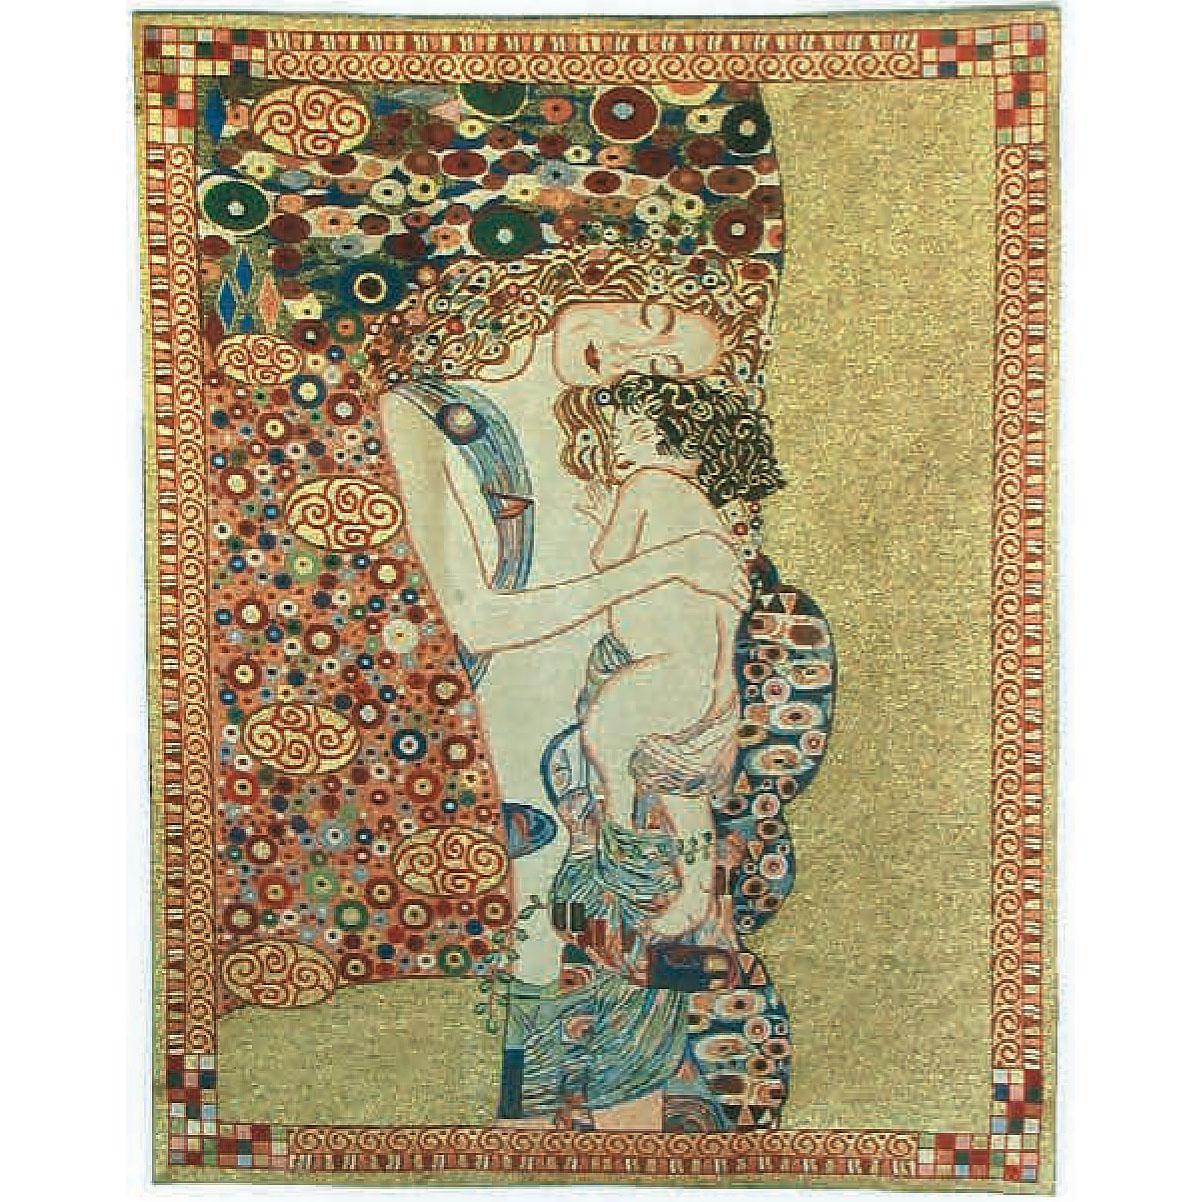 Luka, T1648 Mutterliebe Gustav Klimt <br> Гобелен Любимая мама Густав Климт <br>размеры 085х110, 125х175, 175х240